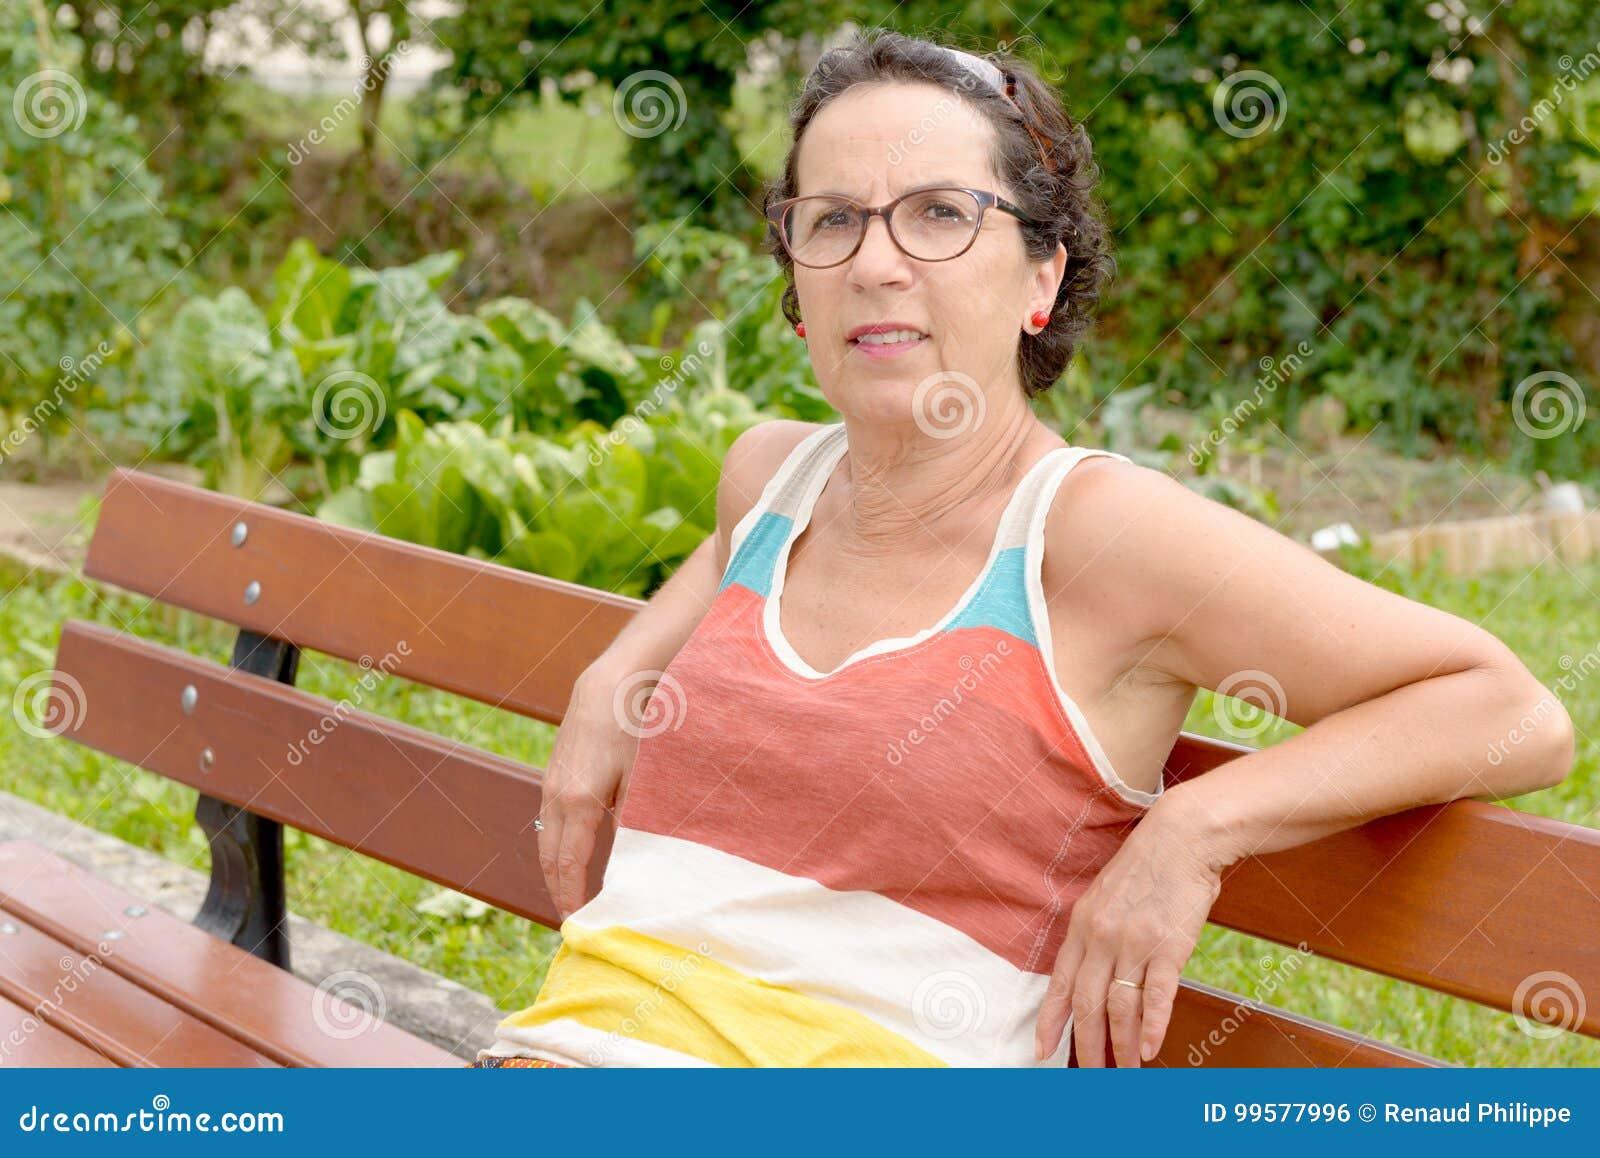 Stående av en medelålders brunettkvinna med glasögon, outdoo